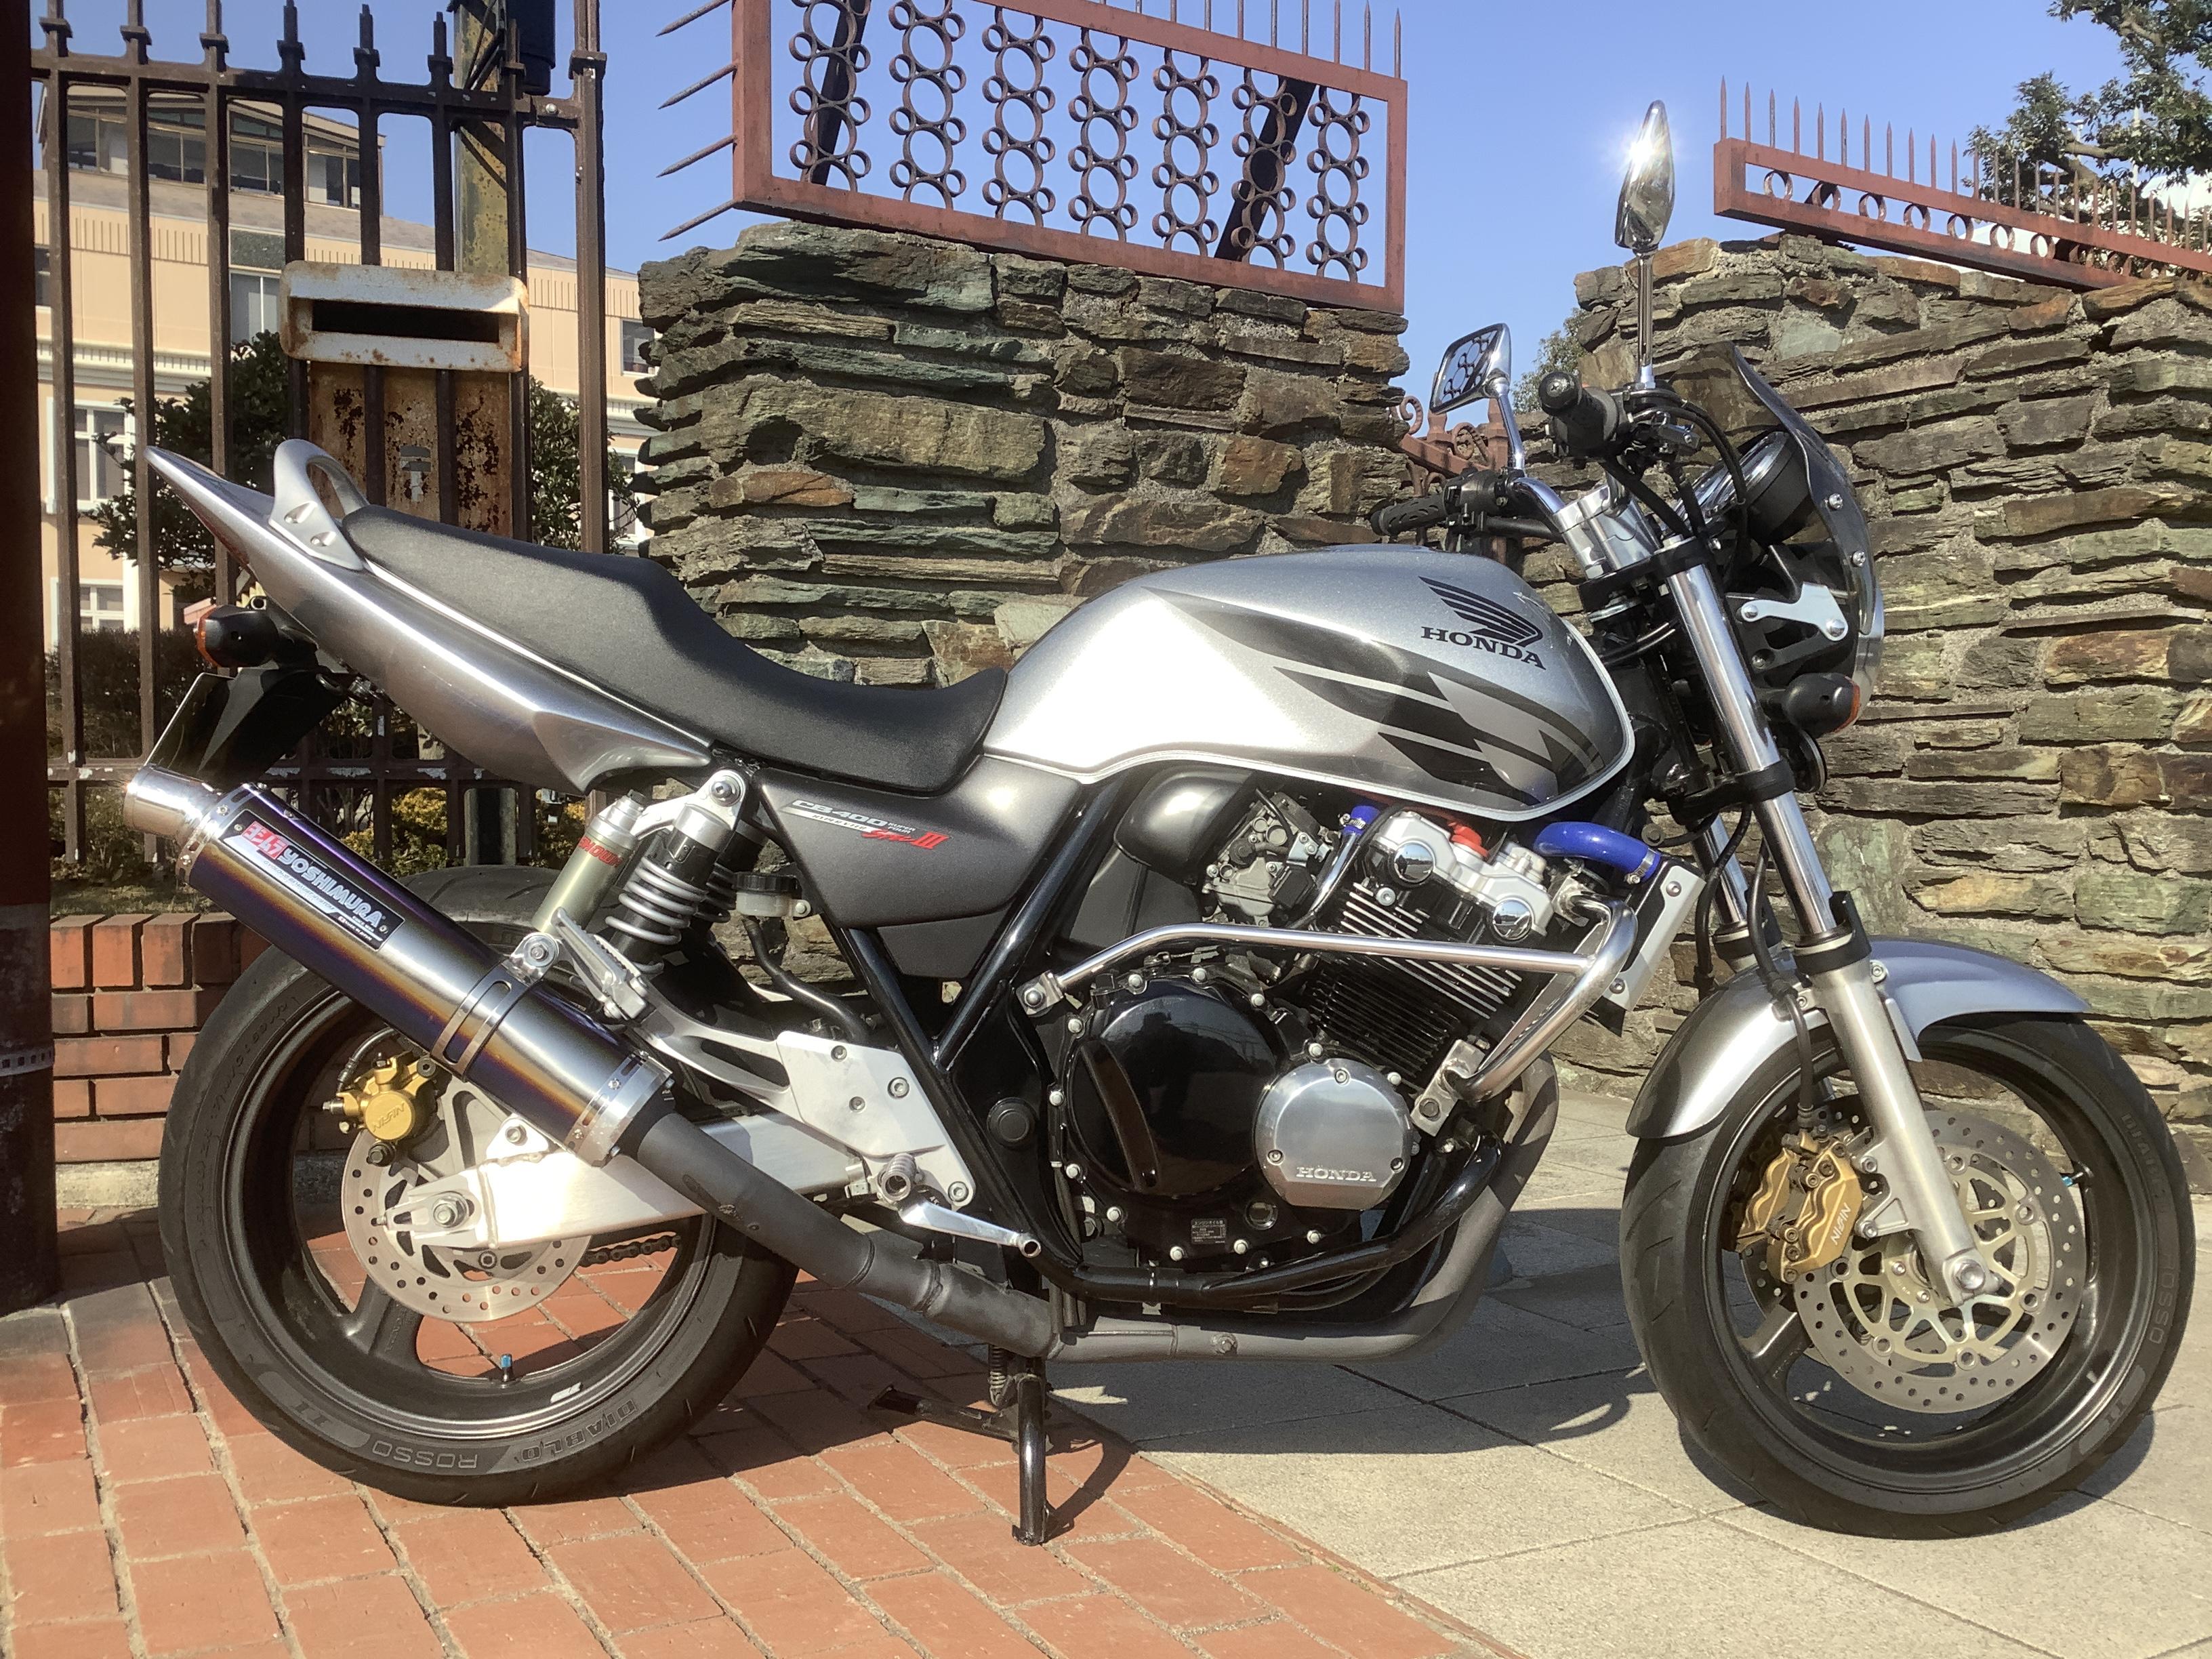 CB400Vtec-3(HN-00)銀 - 【公式】レンタルバイクのベストBike® 川崎駅前